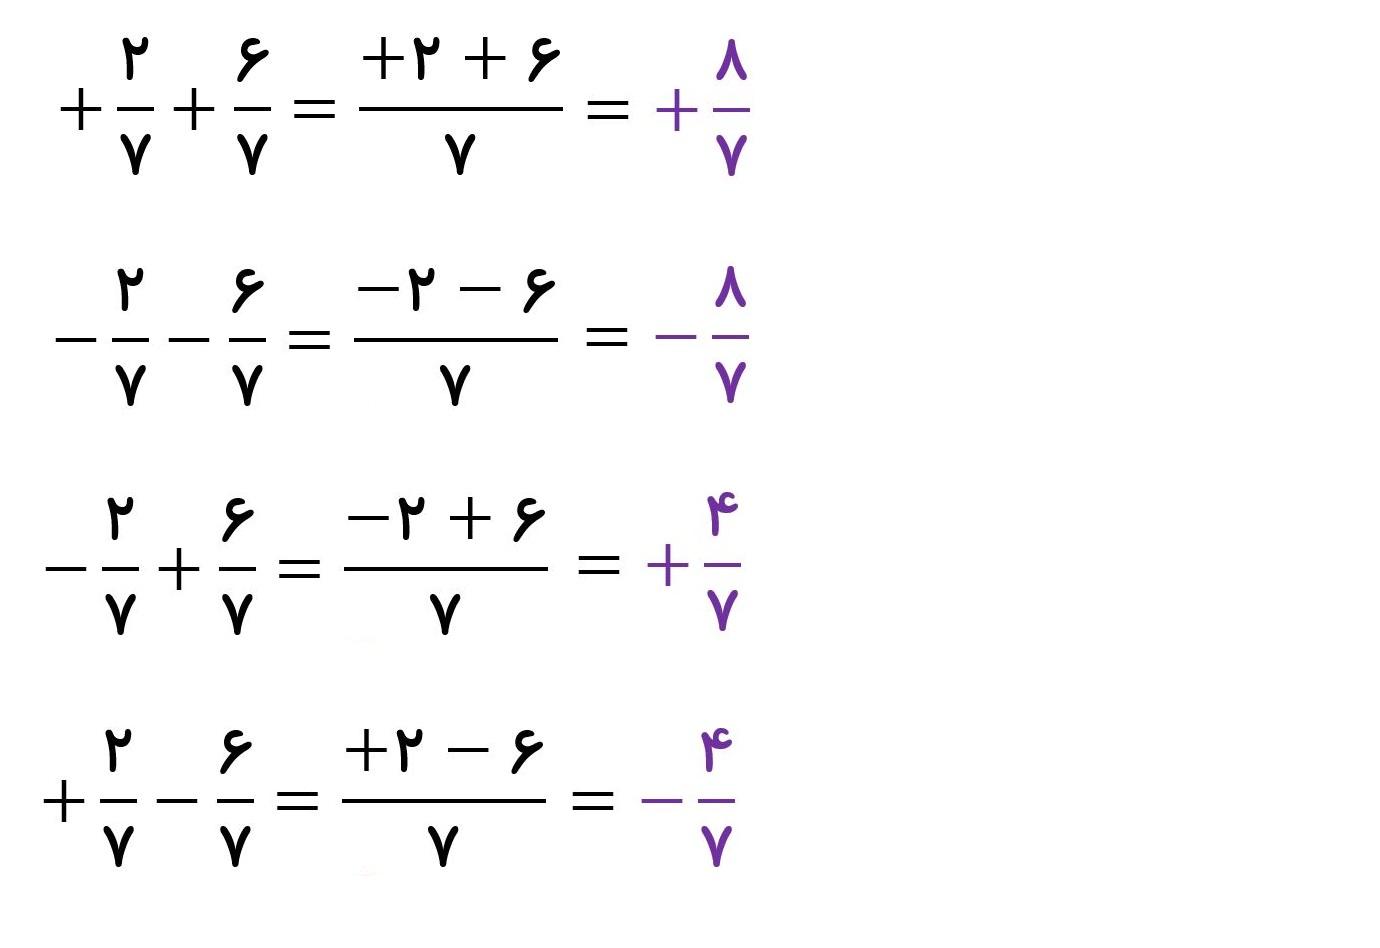 جمع عددهای گویا - پاسخ مثال 1